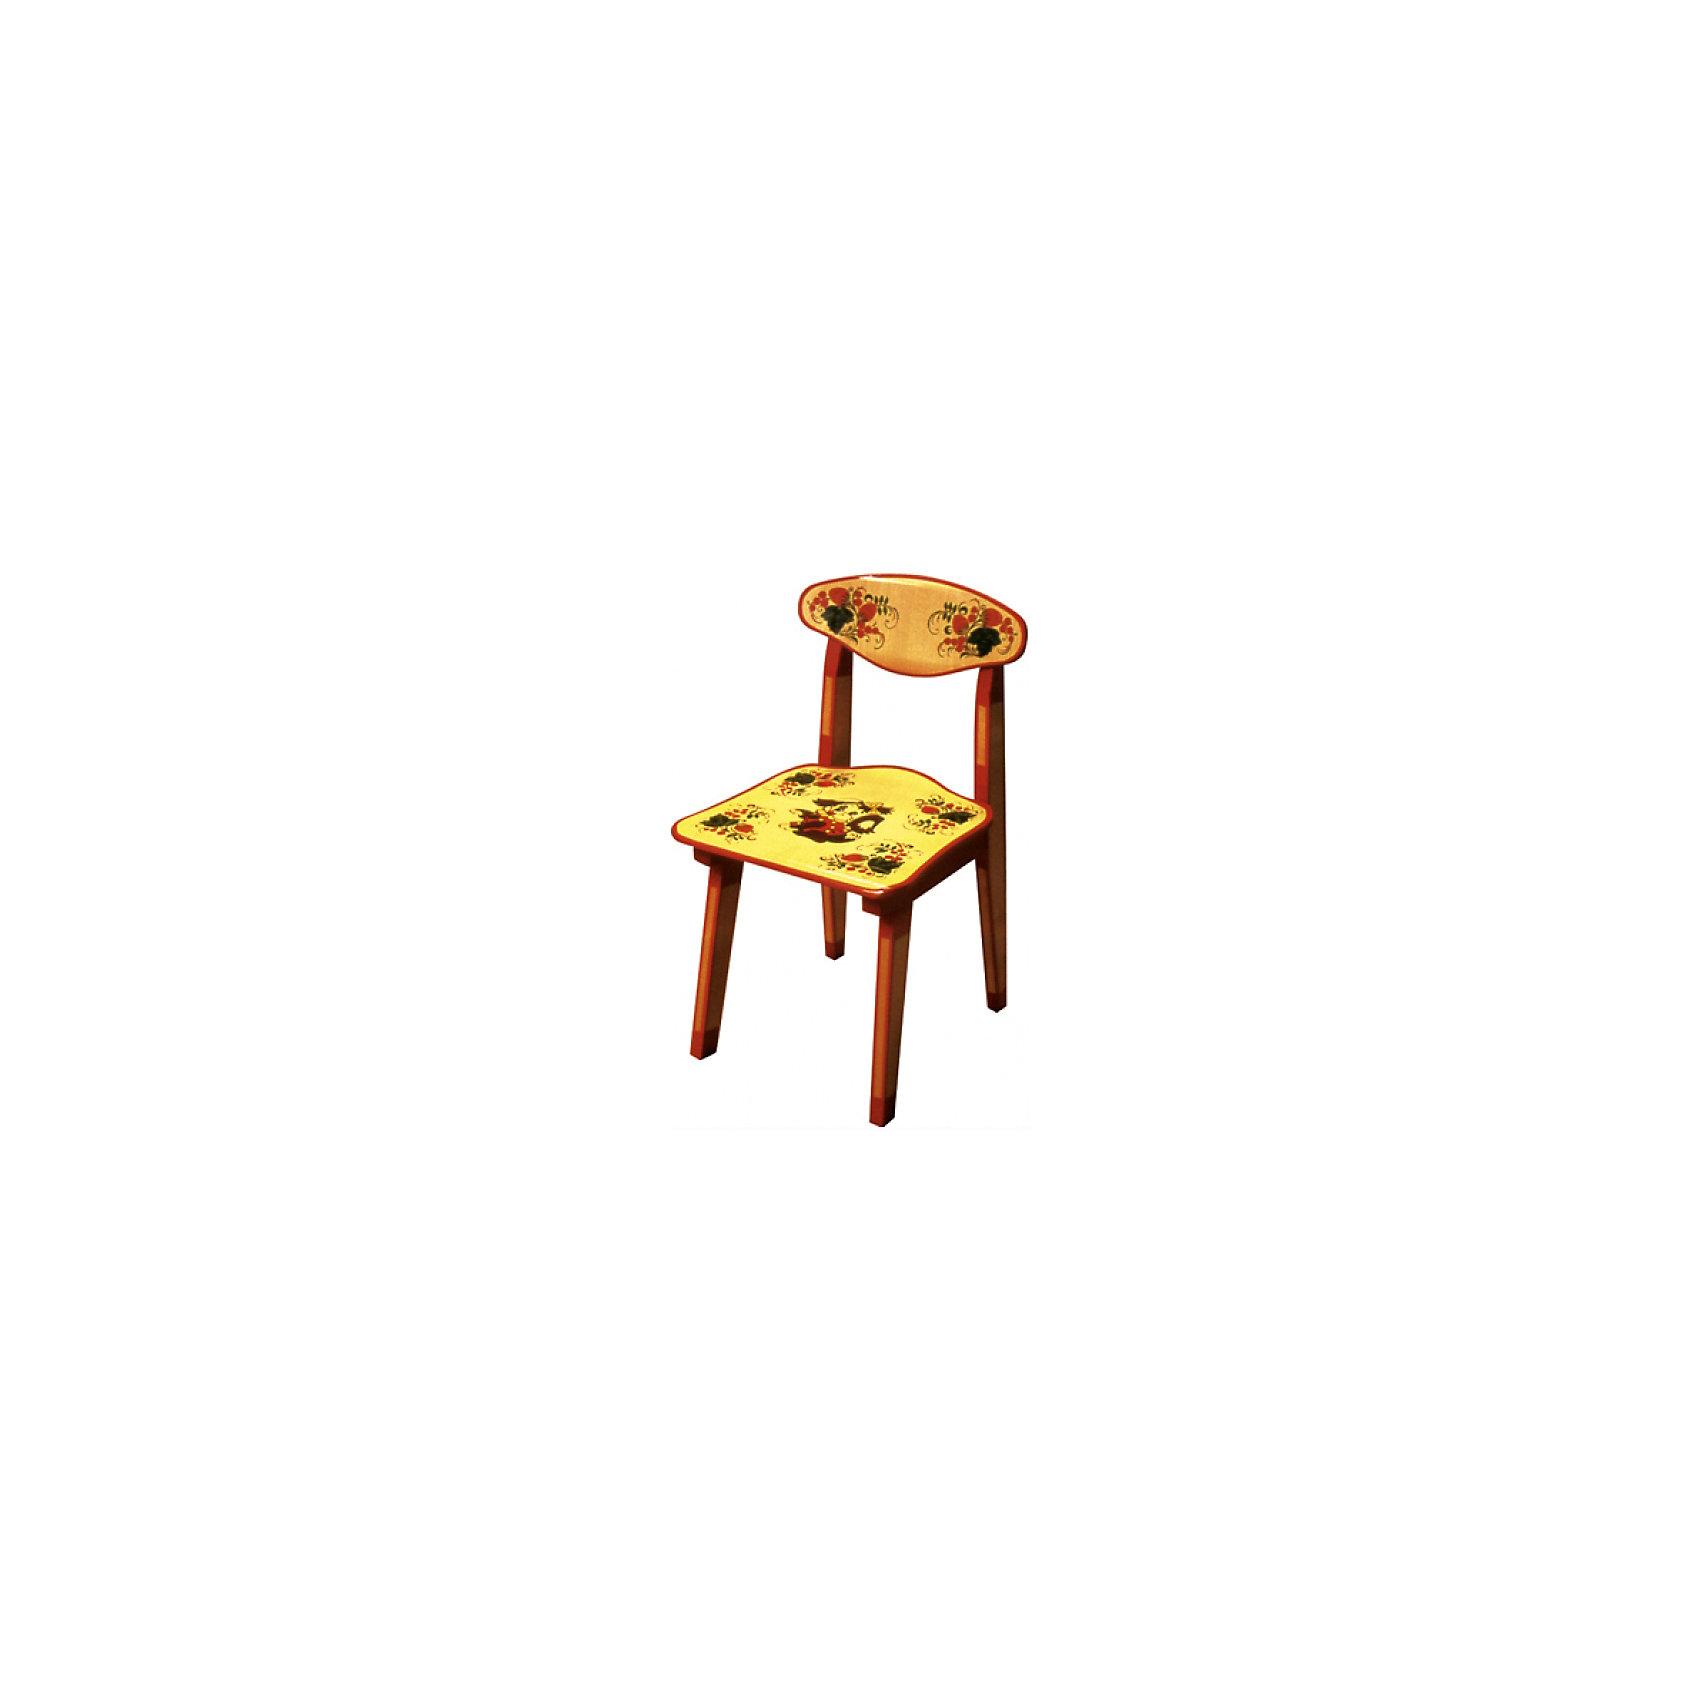 Стул ЗверькиТакой сказочный стульчик был практически у каждого в детстве, так пусть и вашего ребенка радует!<br>Яркий красочный стульчик прекрасно подойдет к столу, выполненному в такой же стилистике. Роспись сделана по золотому фону традиционными красным и темно-коричневым цветами. Стул изготовлен из дерева, пропитан льняным маслом и покрыт росписью и безвредным для ребенка лаком. Стул очень прочный и устойчивый, покрытие закалено при особом температурном режиме и не будет отслаиваться или облупливаться при частой влажной уборке.<br><br>Дополнительная информация:<br><br>- Материал: дерево.<br>- Цвет: орнамент -  Хохломская роспись зверьки. <br>- Высота: 43,5 см.<br>- Сидение: 30х29 см.<br><br>Детский стул Зверькиможно купить в нашем магазине.<br><br>Ширина мм: 435<br>Глубина мм: 120<br>Высота мм: 300<br>Вес г: 1900<br>Возраст от месяцев: 24<br>Возраст до месяцев: 84<br>Пол: Унисекс<br>Возраст: Детский<br>SKU: 4718379